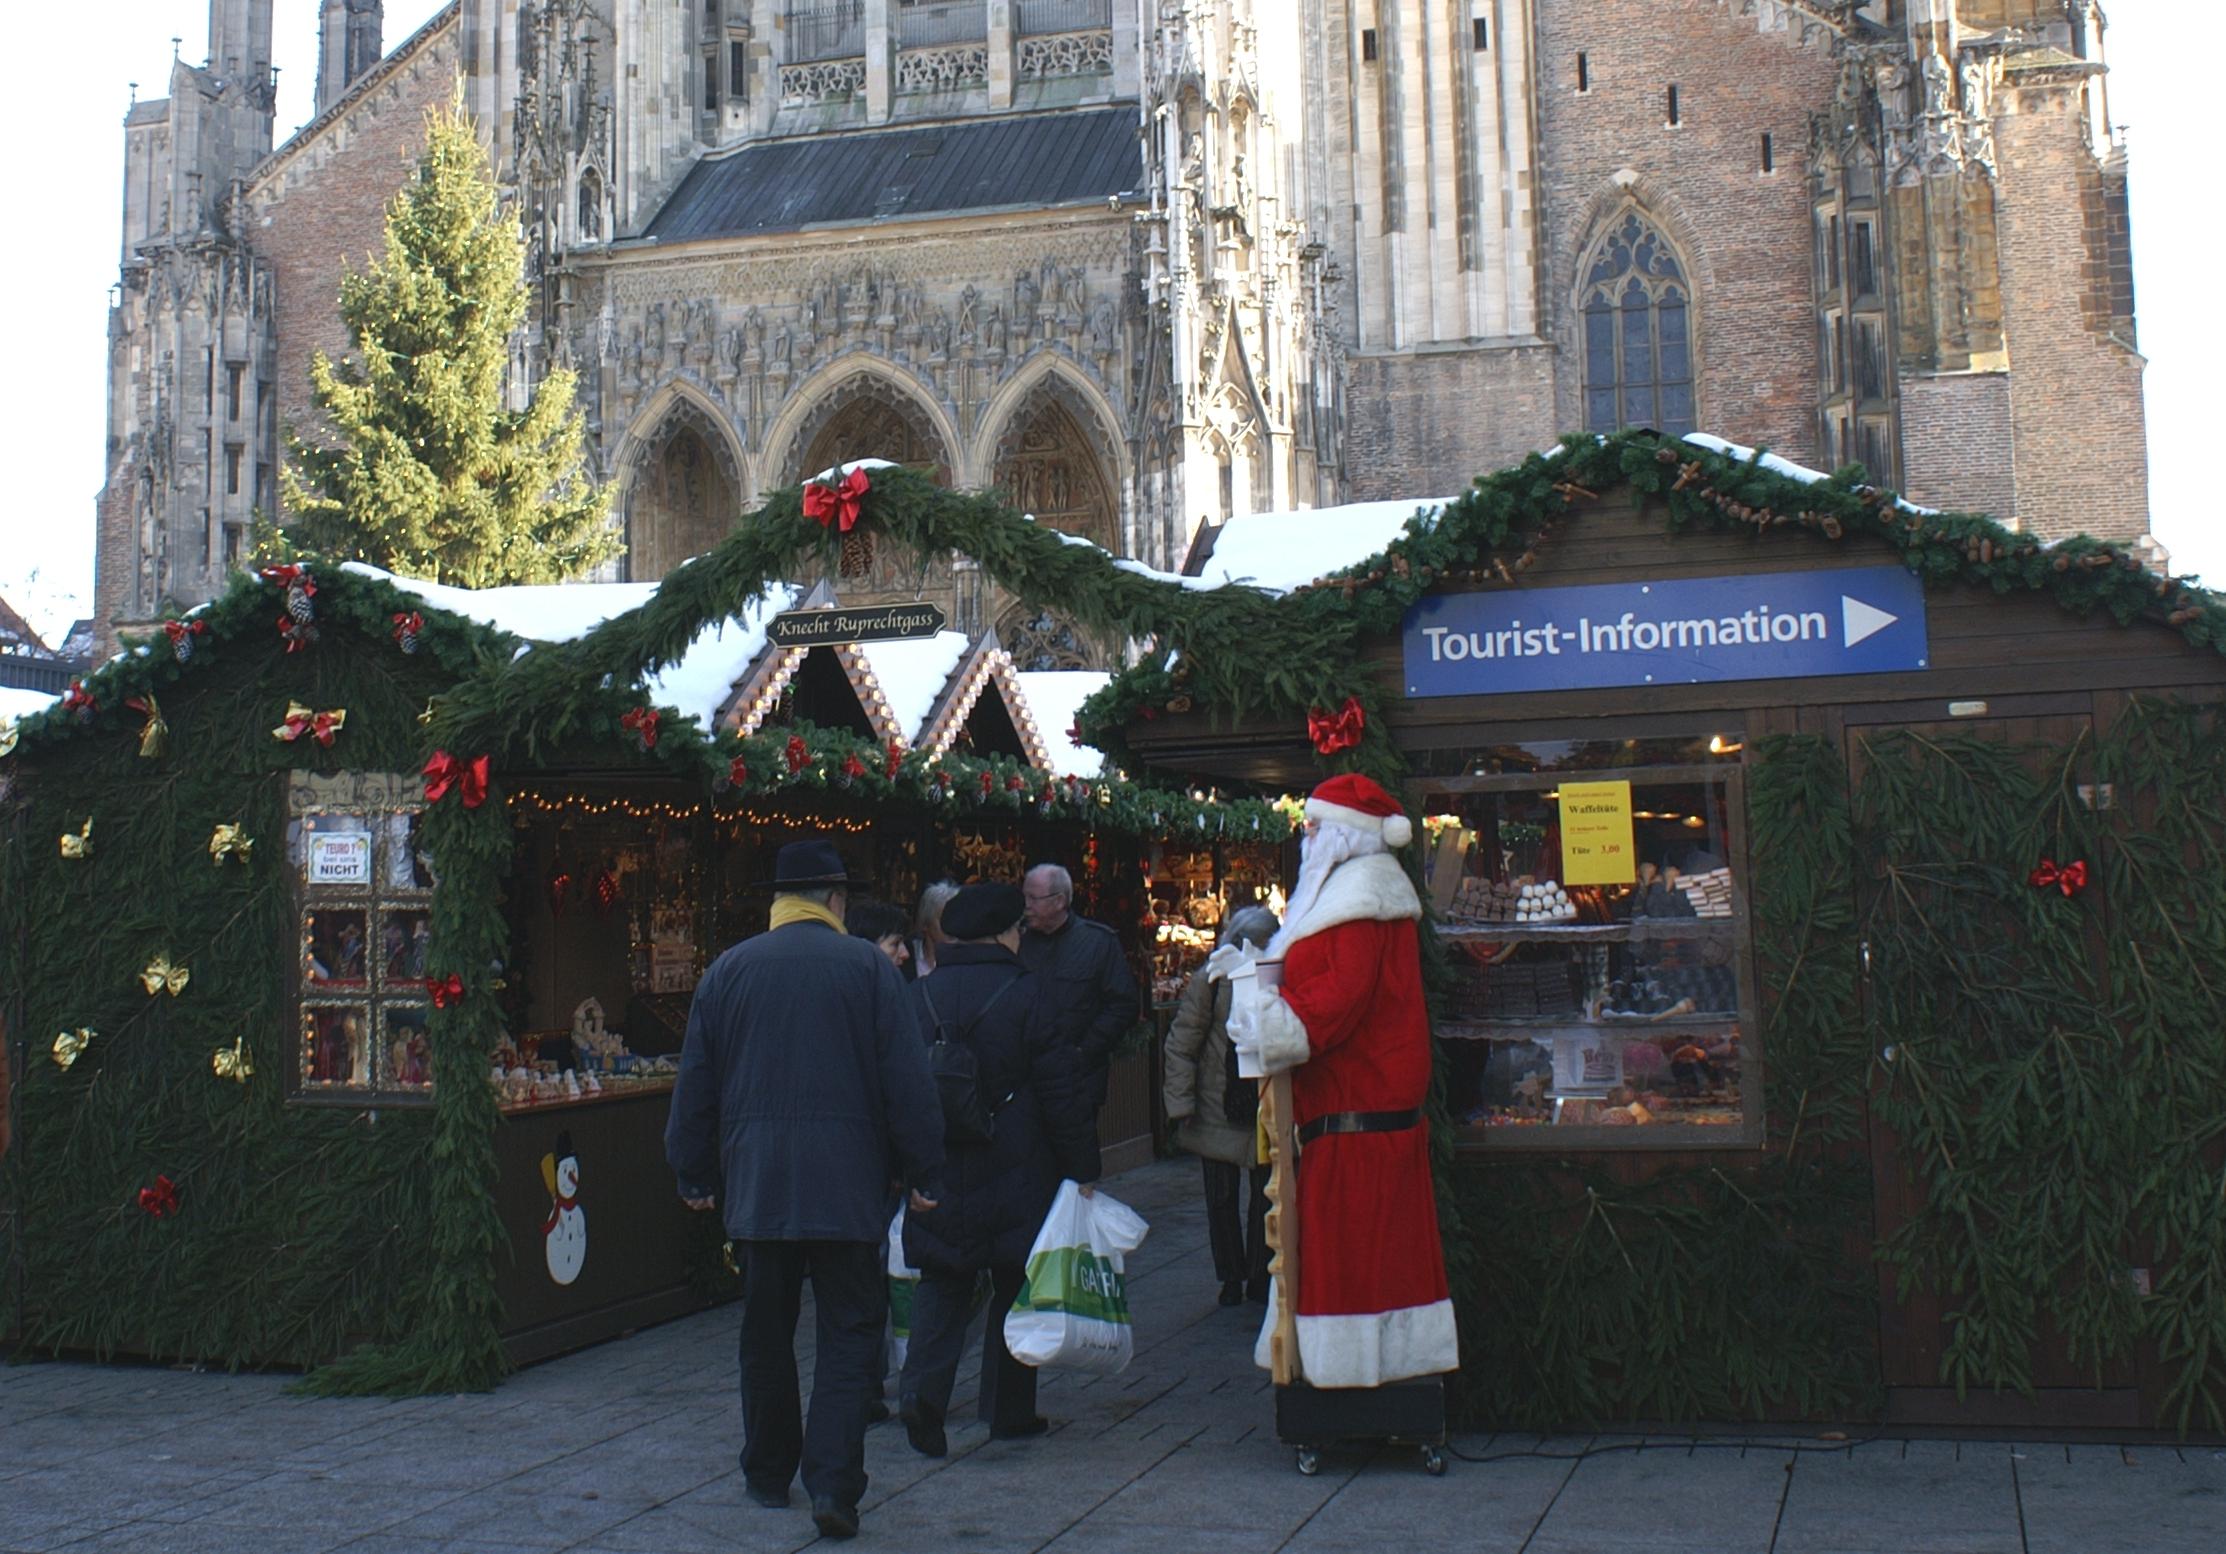 Ulm Weihnachtsmarkt.Ulmer Weihnachtsmarkt Wikipedia